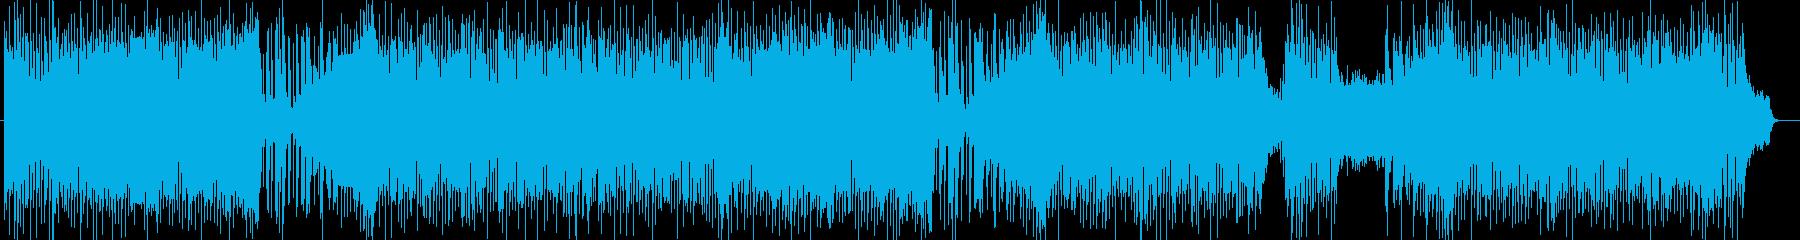 ストリングスによる軽快なポップスの再生済みの波形